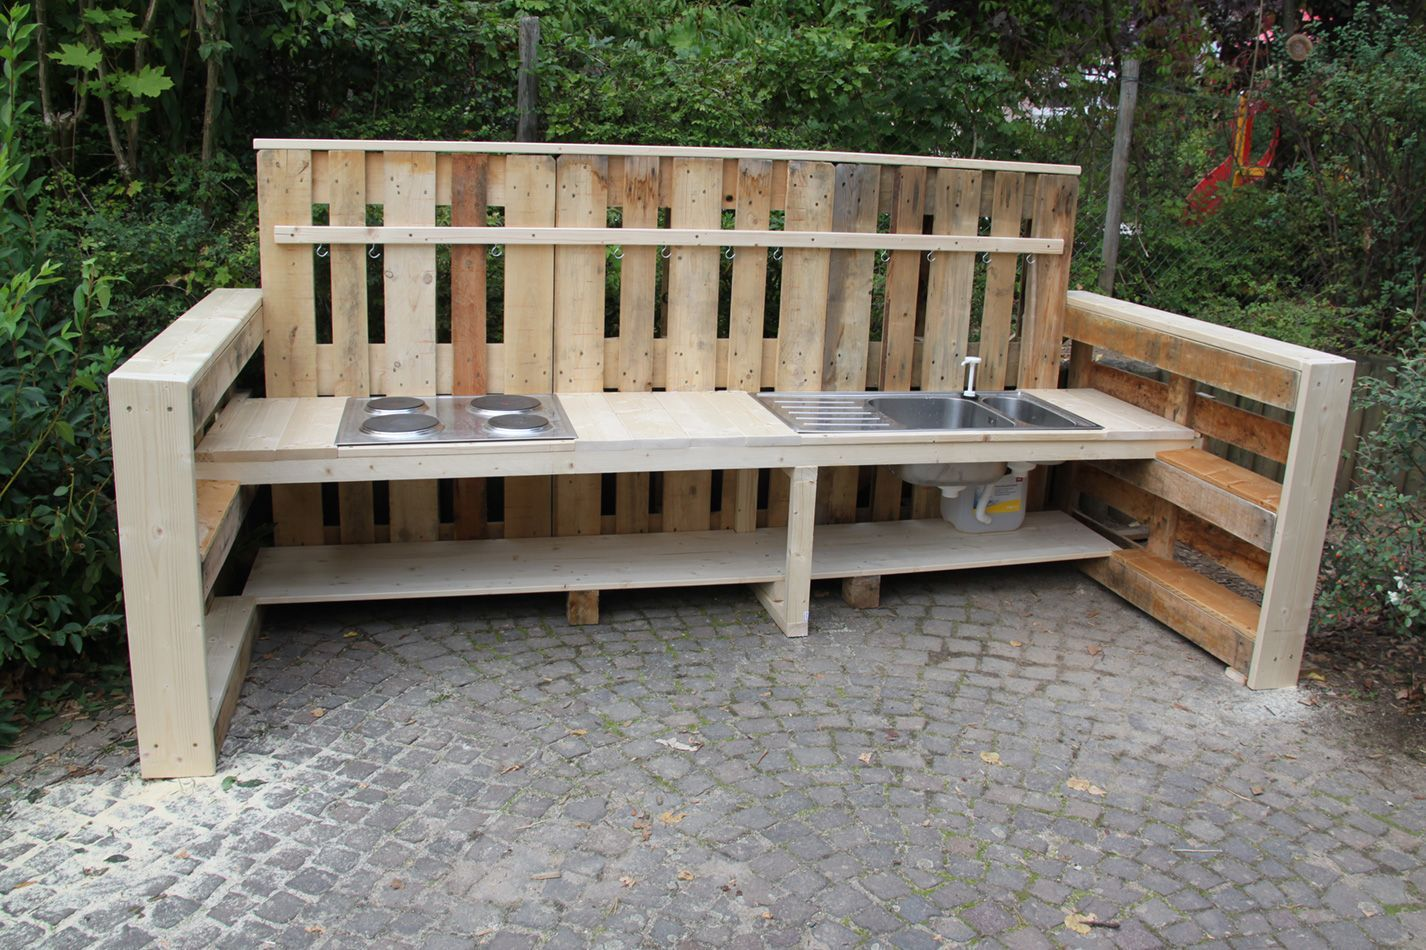 Neue Matschkuche Fur Die Kita Wiesenackerforderverein Unterstutzt Erzieher Elternprojekt In Heimerdingen Forderverein In 2020 Outdoor Furniture Outdoor Outdoor Decor